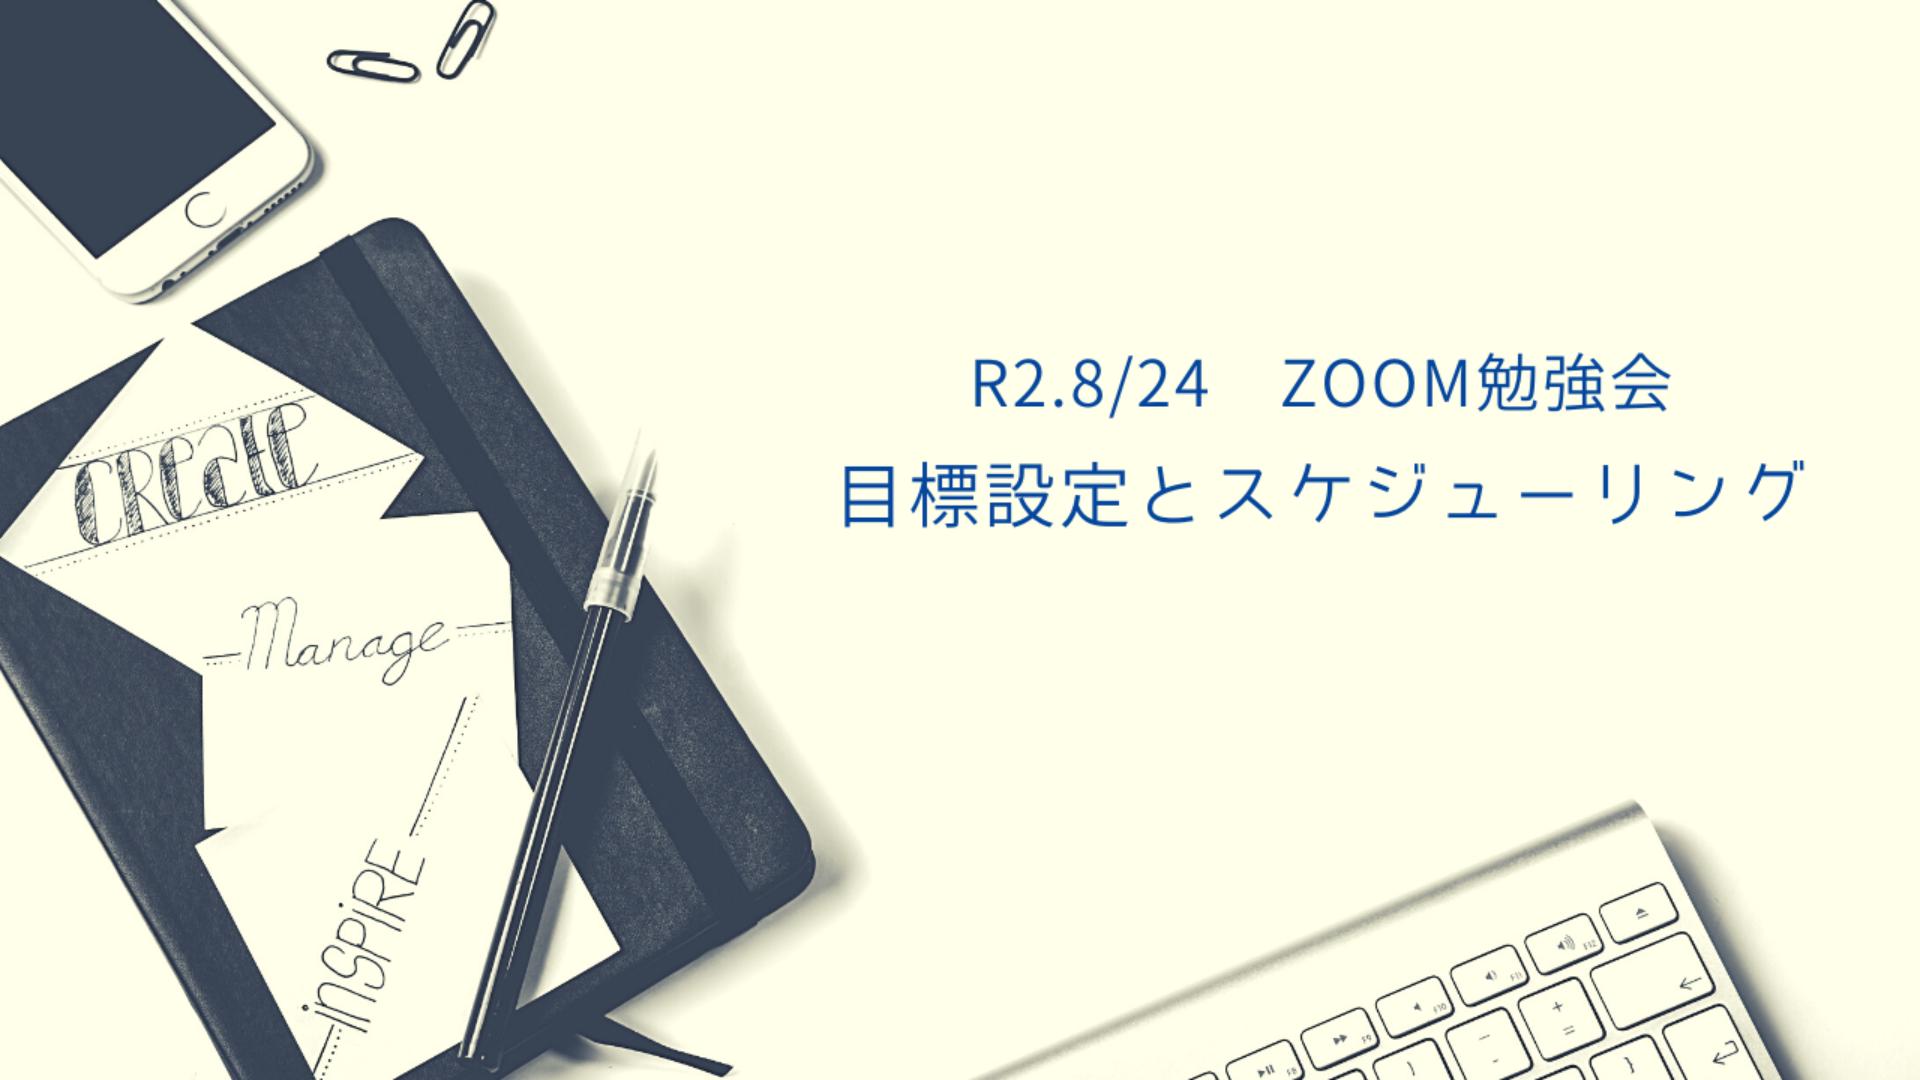 【目標設定とスケジューリング】ZOOM勉強会動画